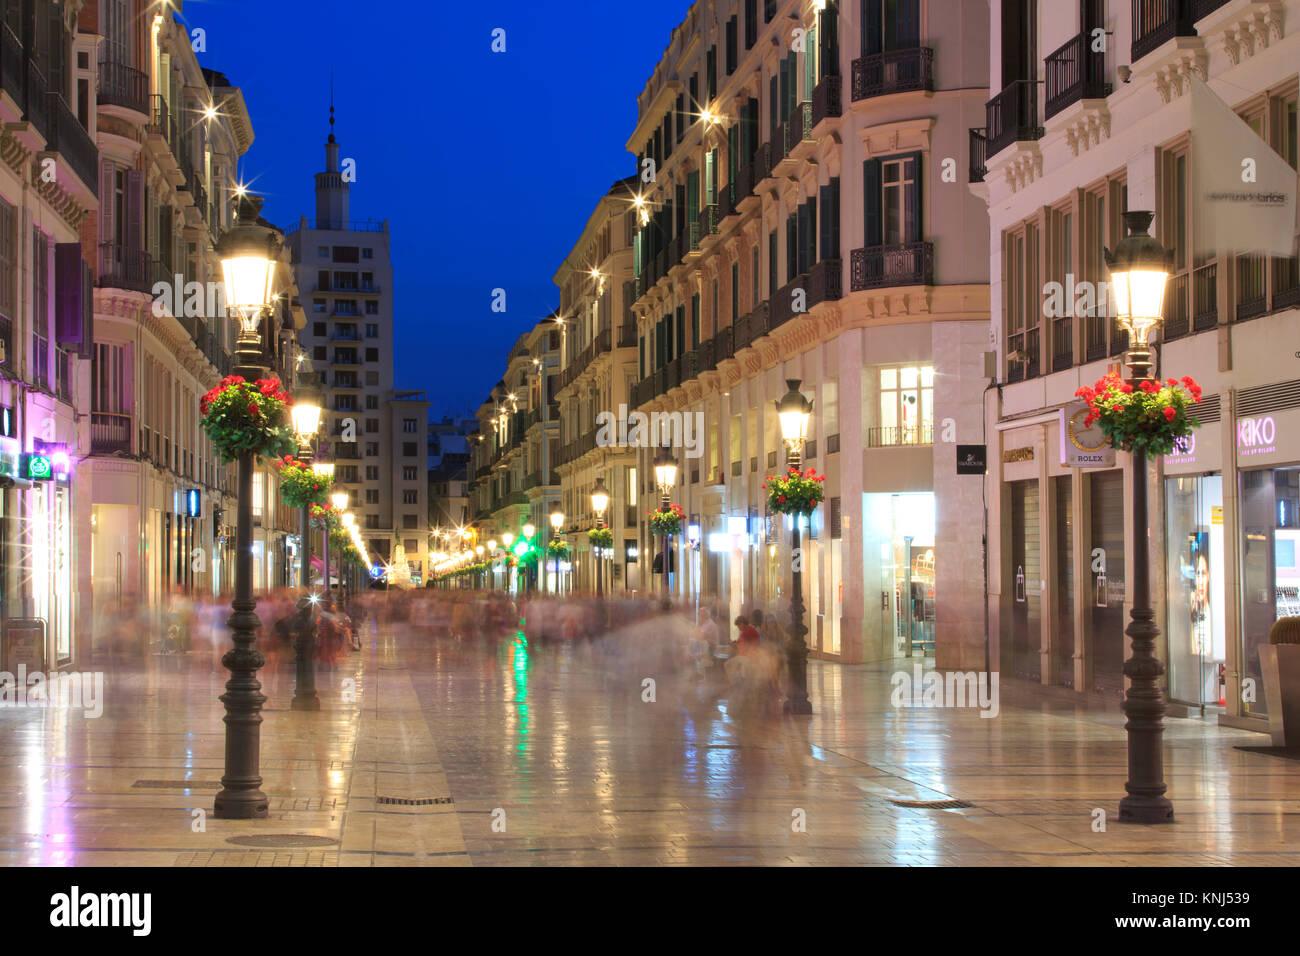 Calle larios stock photos calle larios stock images alamy for Calle palma del rio malaga